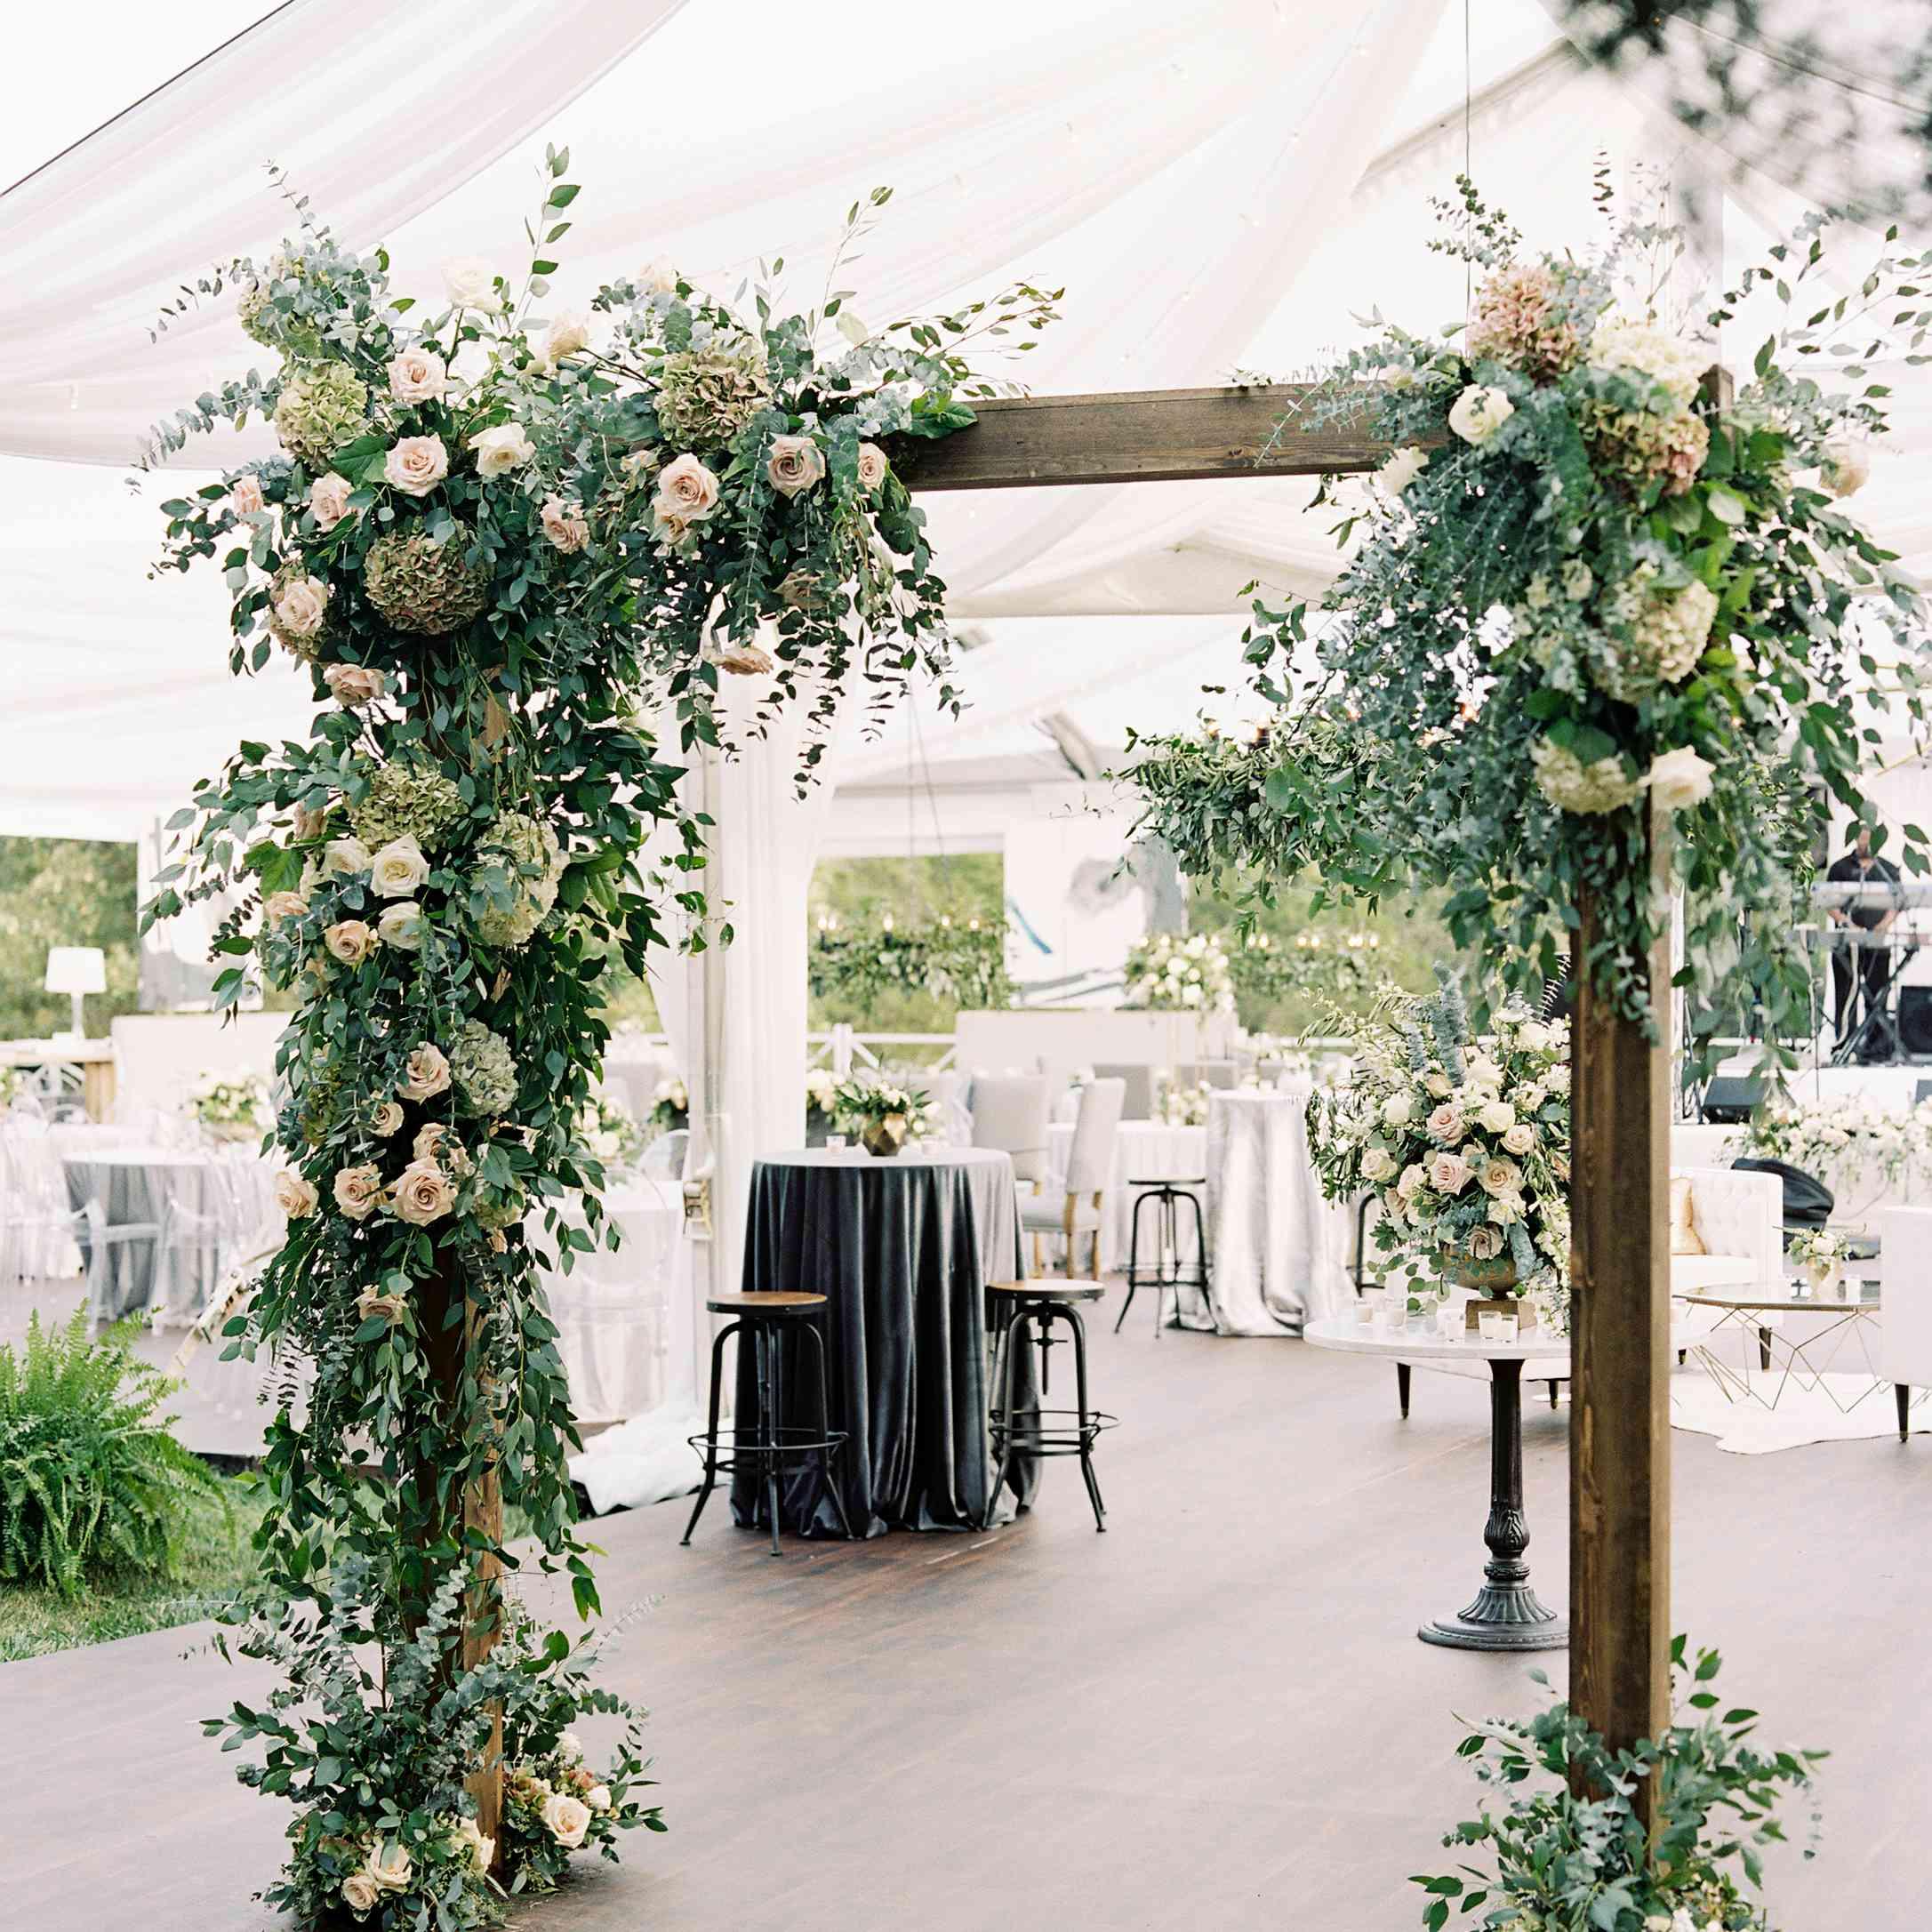 <p>Floral backdrop</p><br><br>